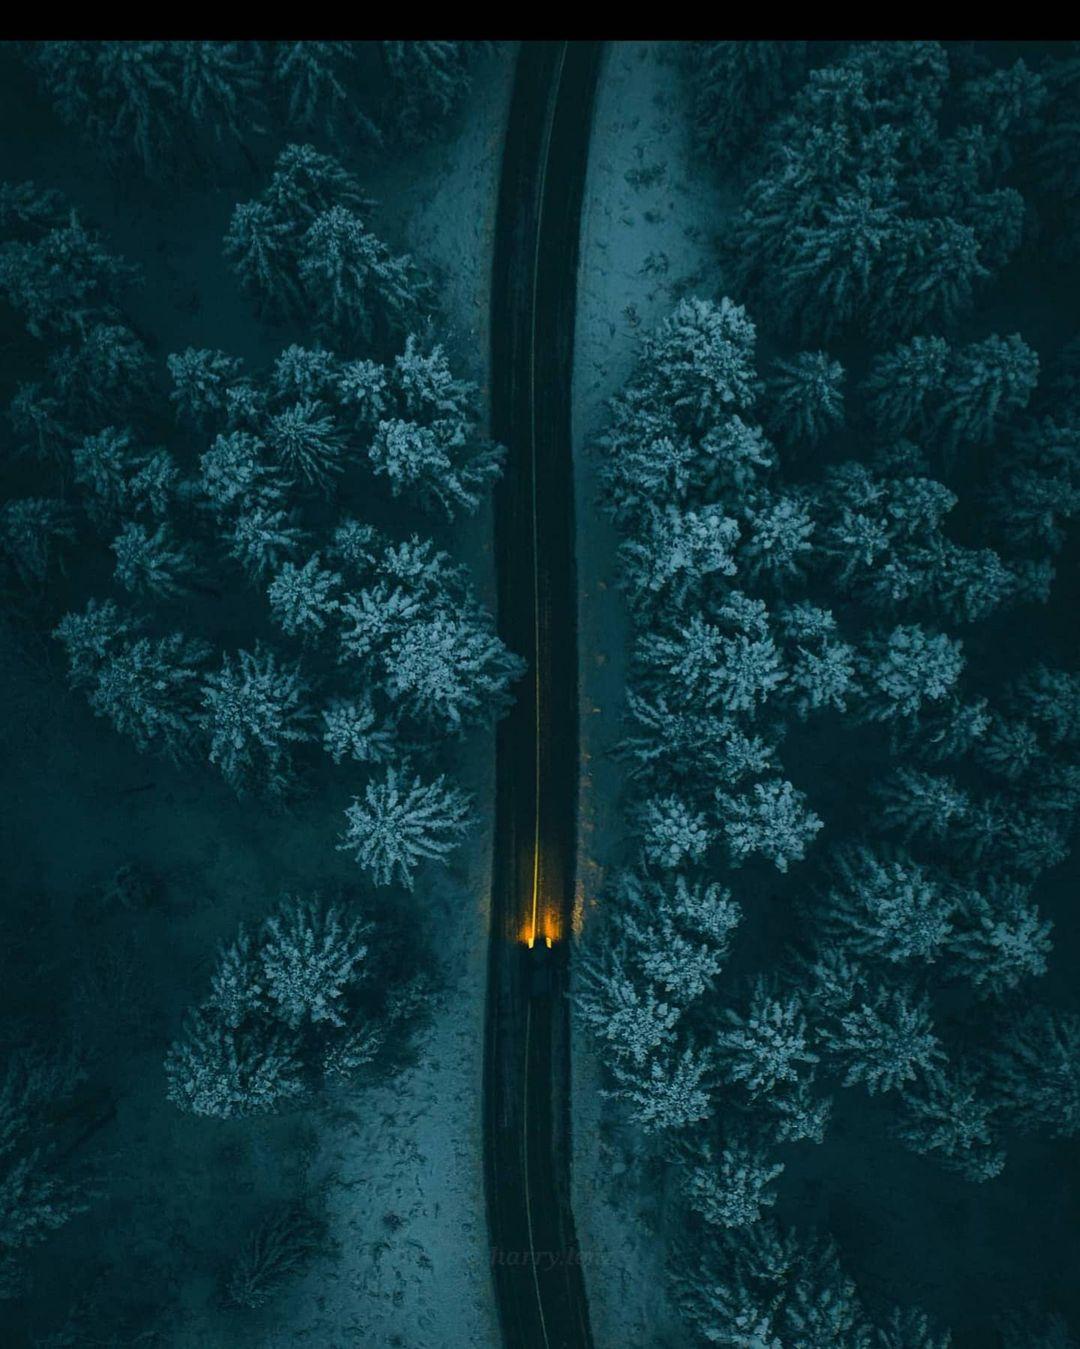 Увлекательные снимки из путешествий Гарри Томляновича